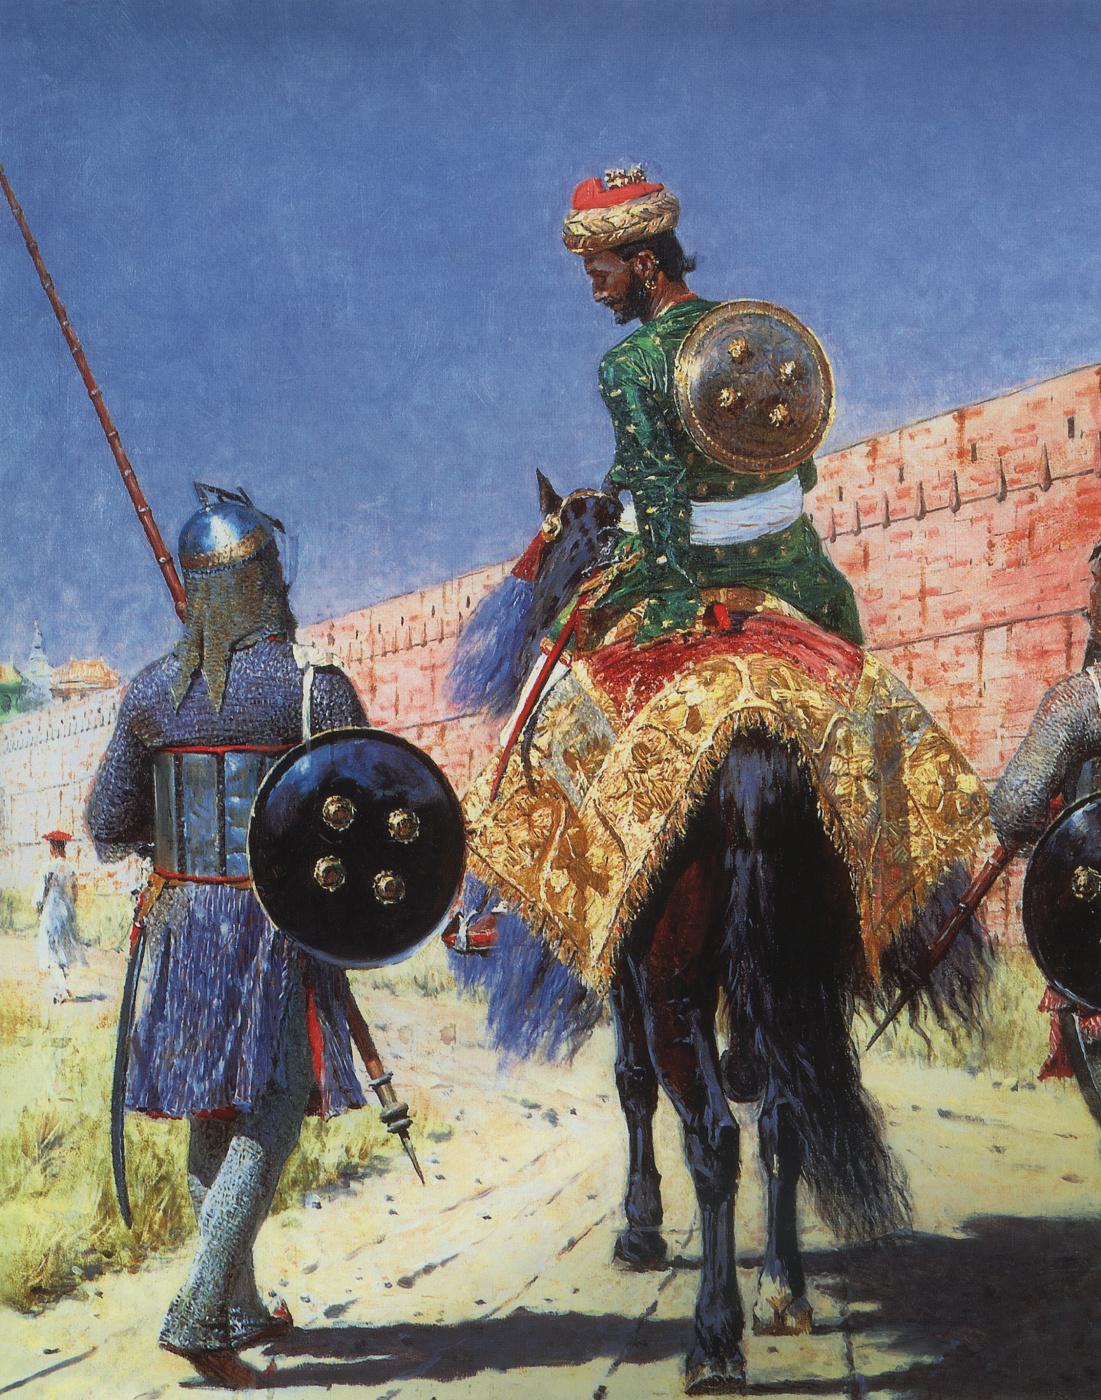 Vasily Vereshchagin. The rider is a warrior in Jaipur